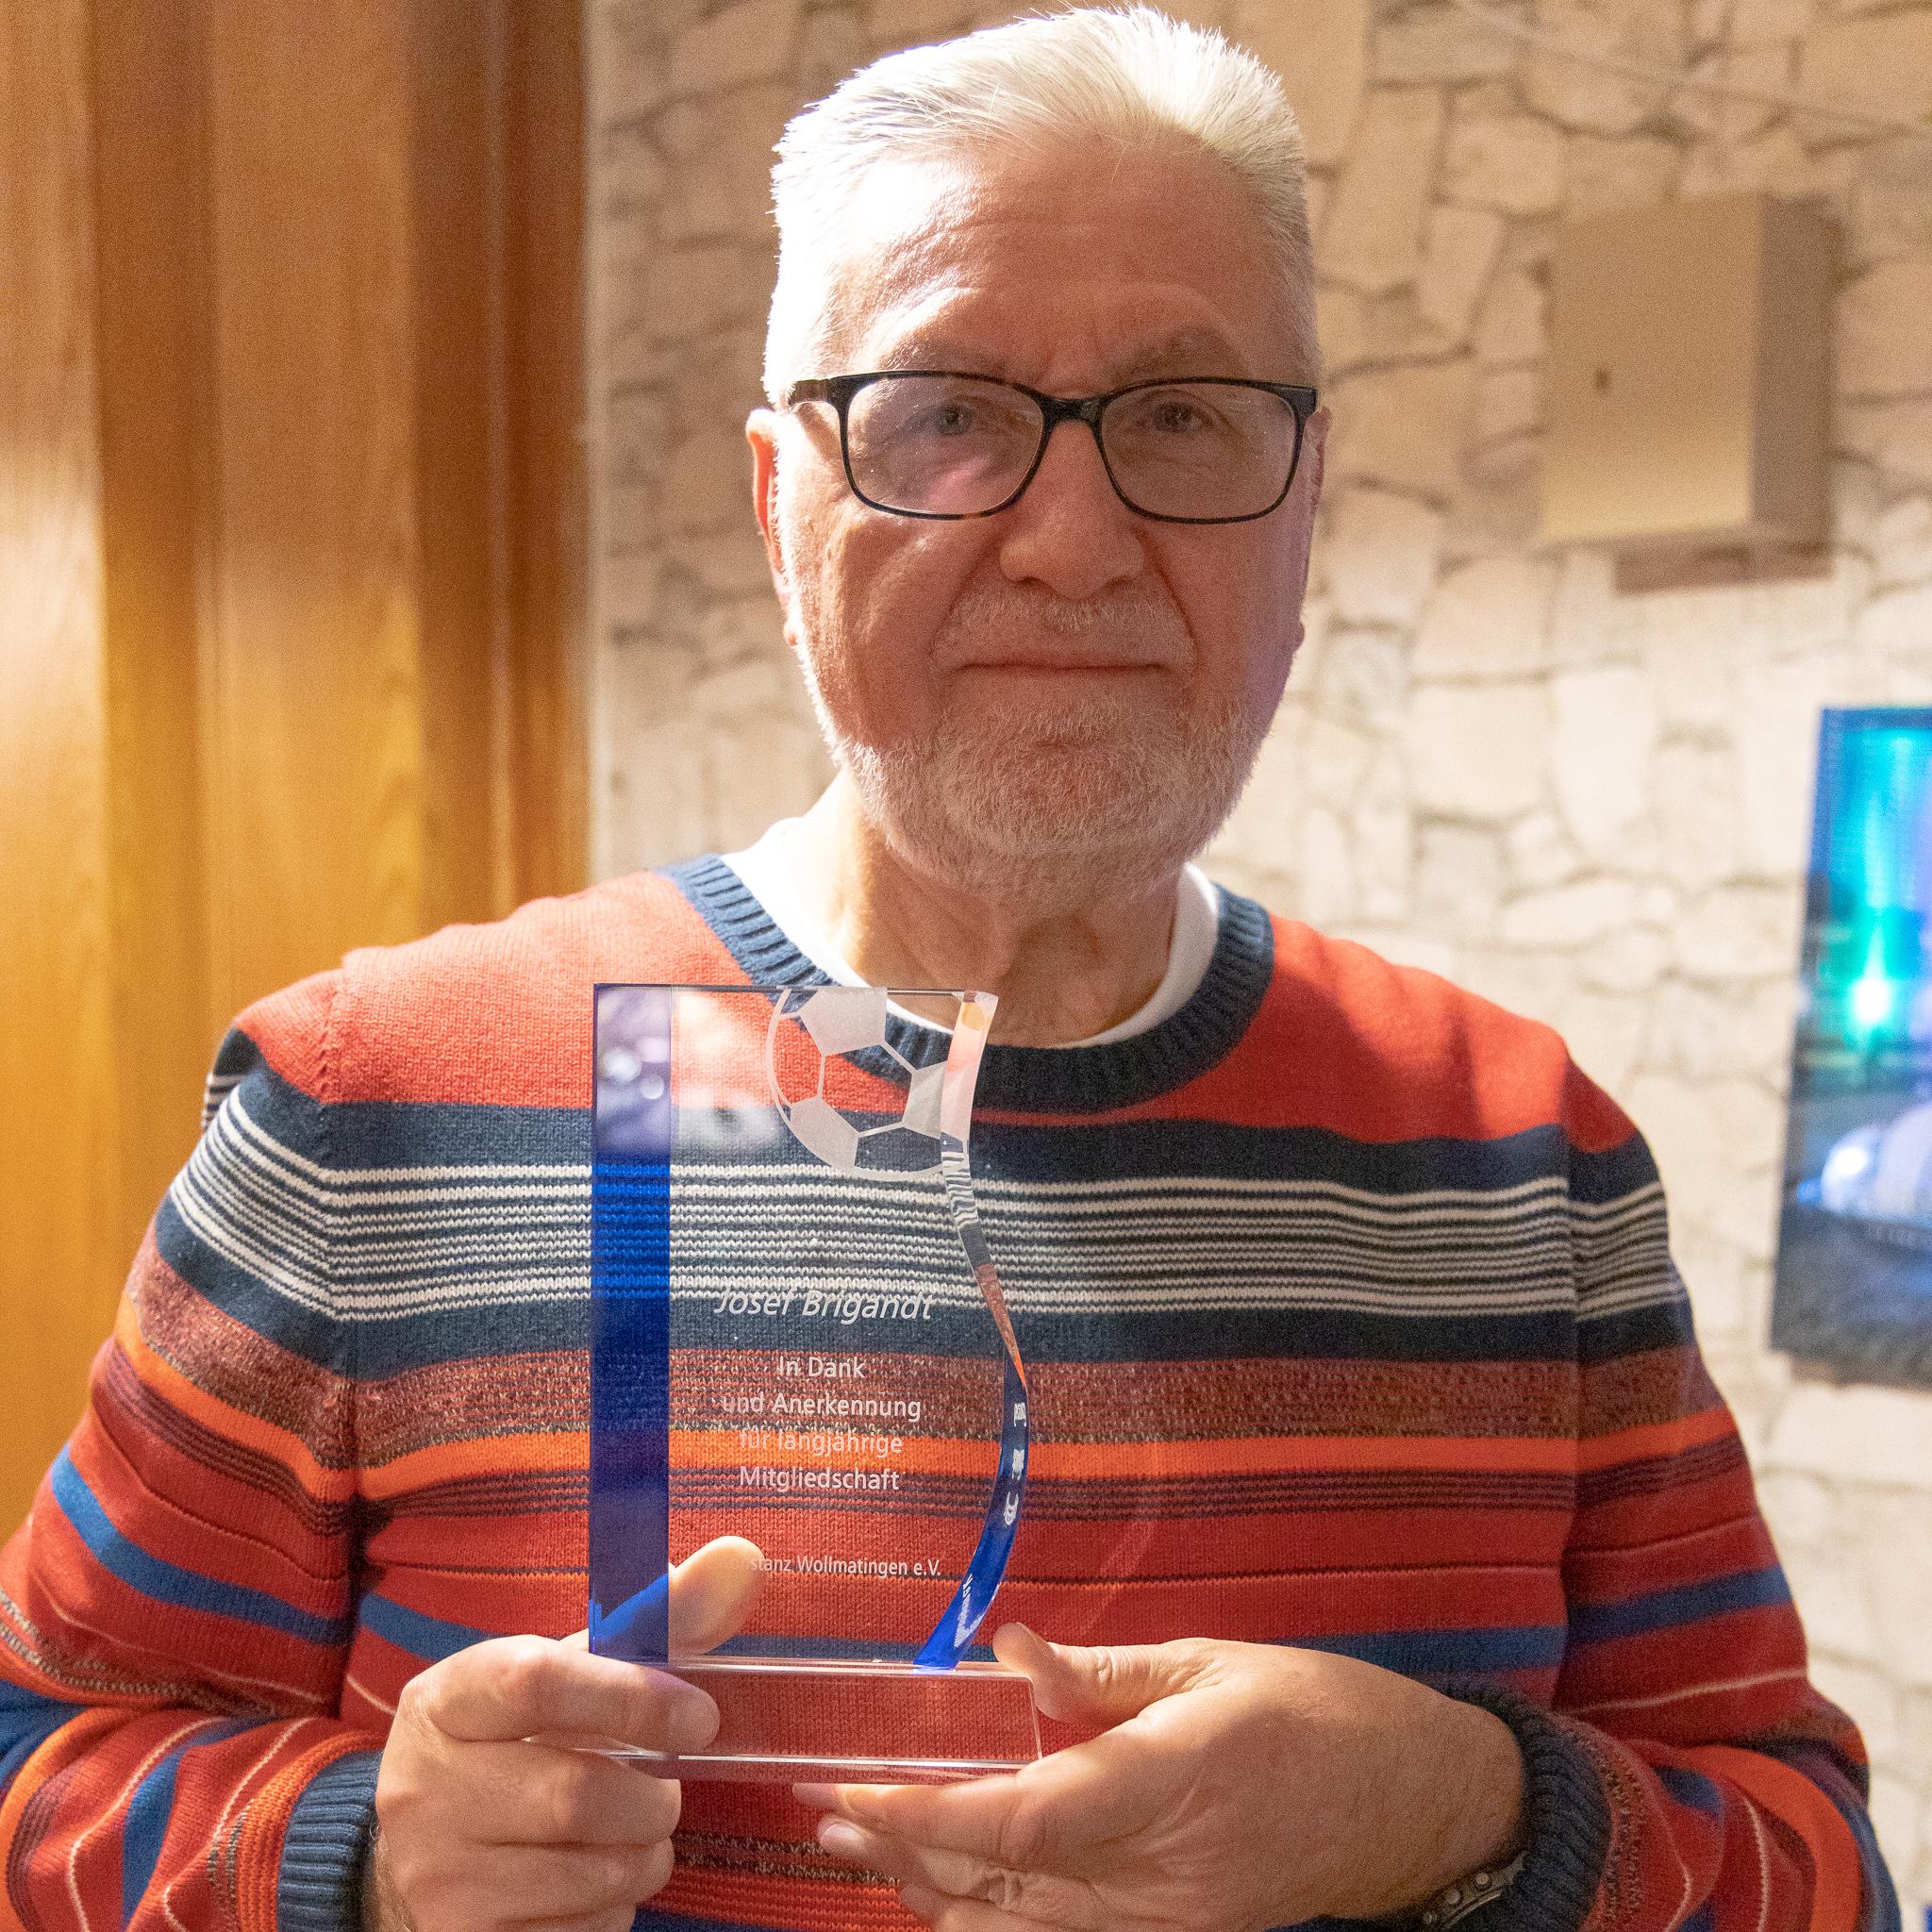 Josef Brigandt, 53 Jahre Mitgliedschaft